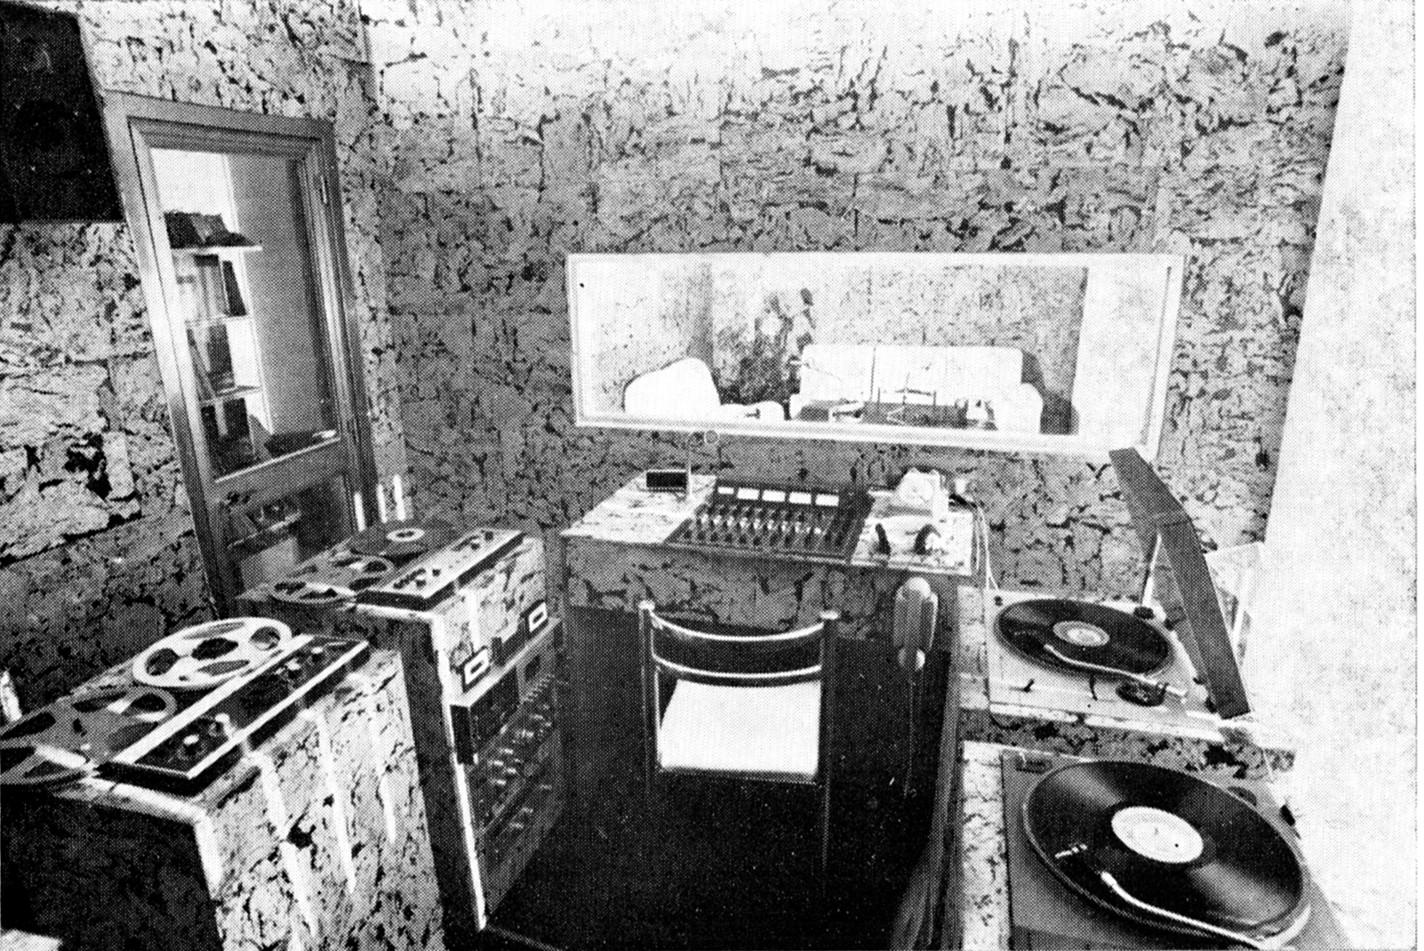 Radio In sala regia - Storia della radiotelevisione italiana. Roma, Radio In: genesi di una delle prime syndication italiane